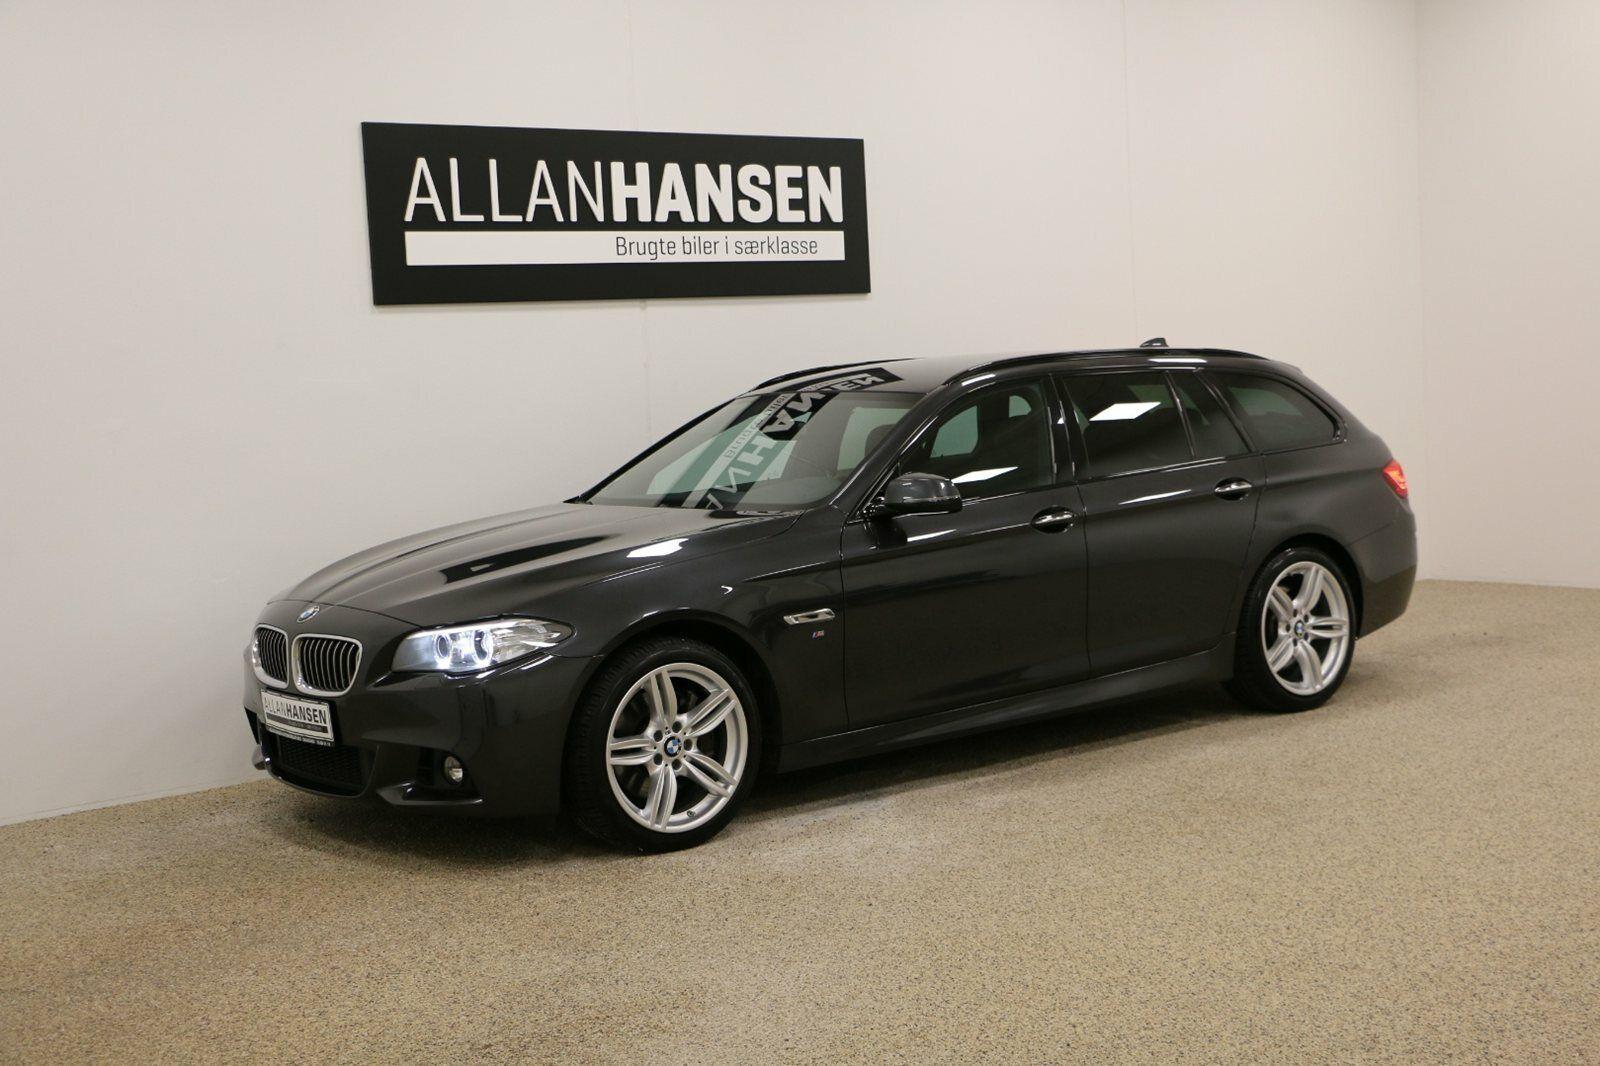 BMW 535d 3,0 Touring xDrive aut. 5d - 539.900 kr.